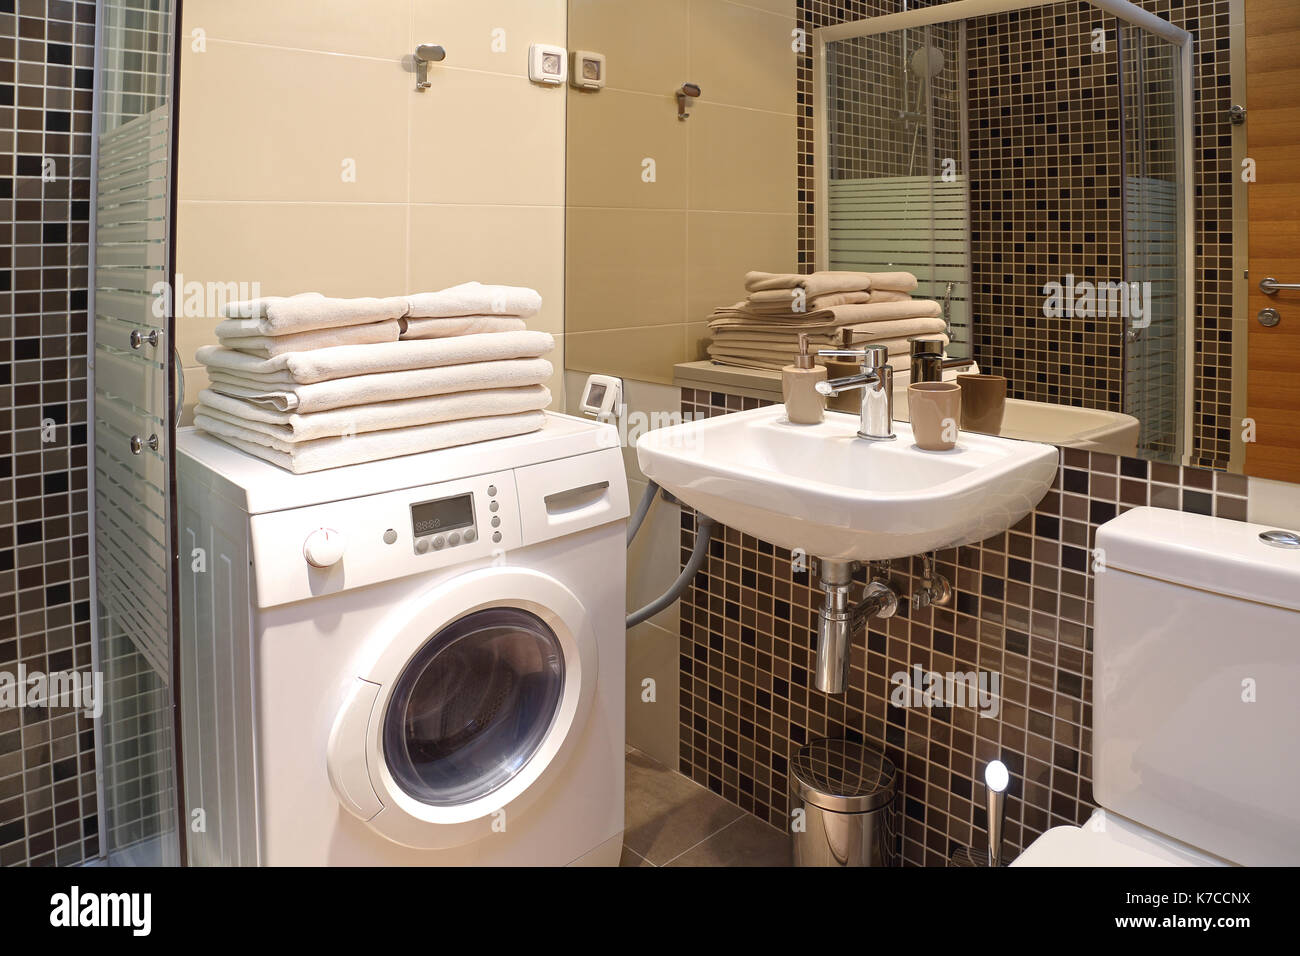 Bekannt Modernes, kleines Bad mit Waschmaschine Stockfoto, Bild: 159469350 VA05